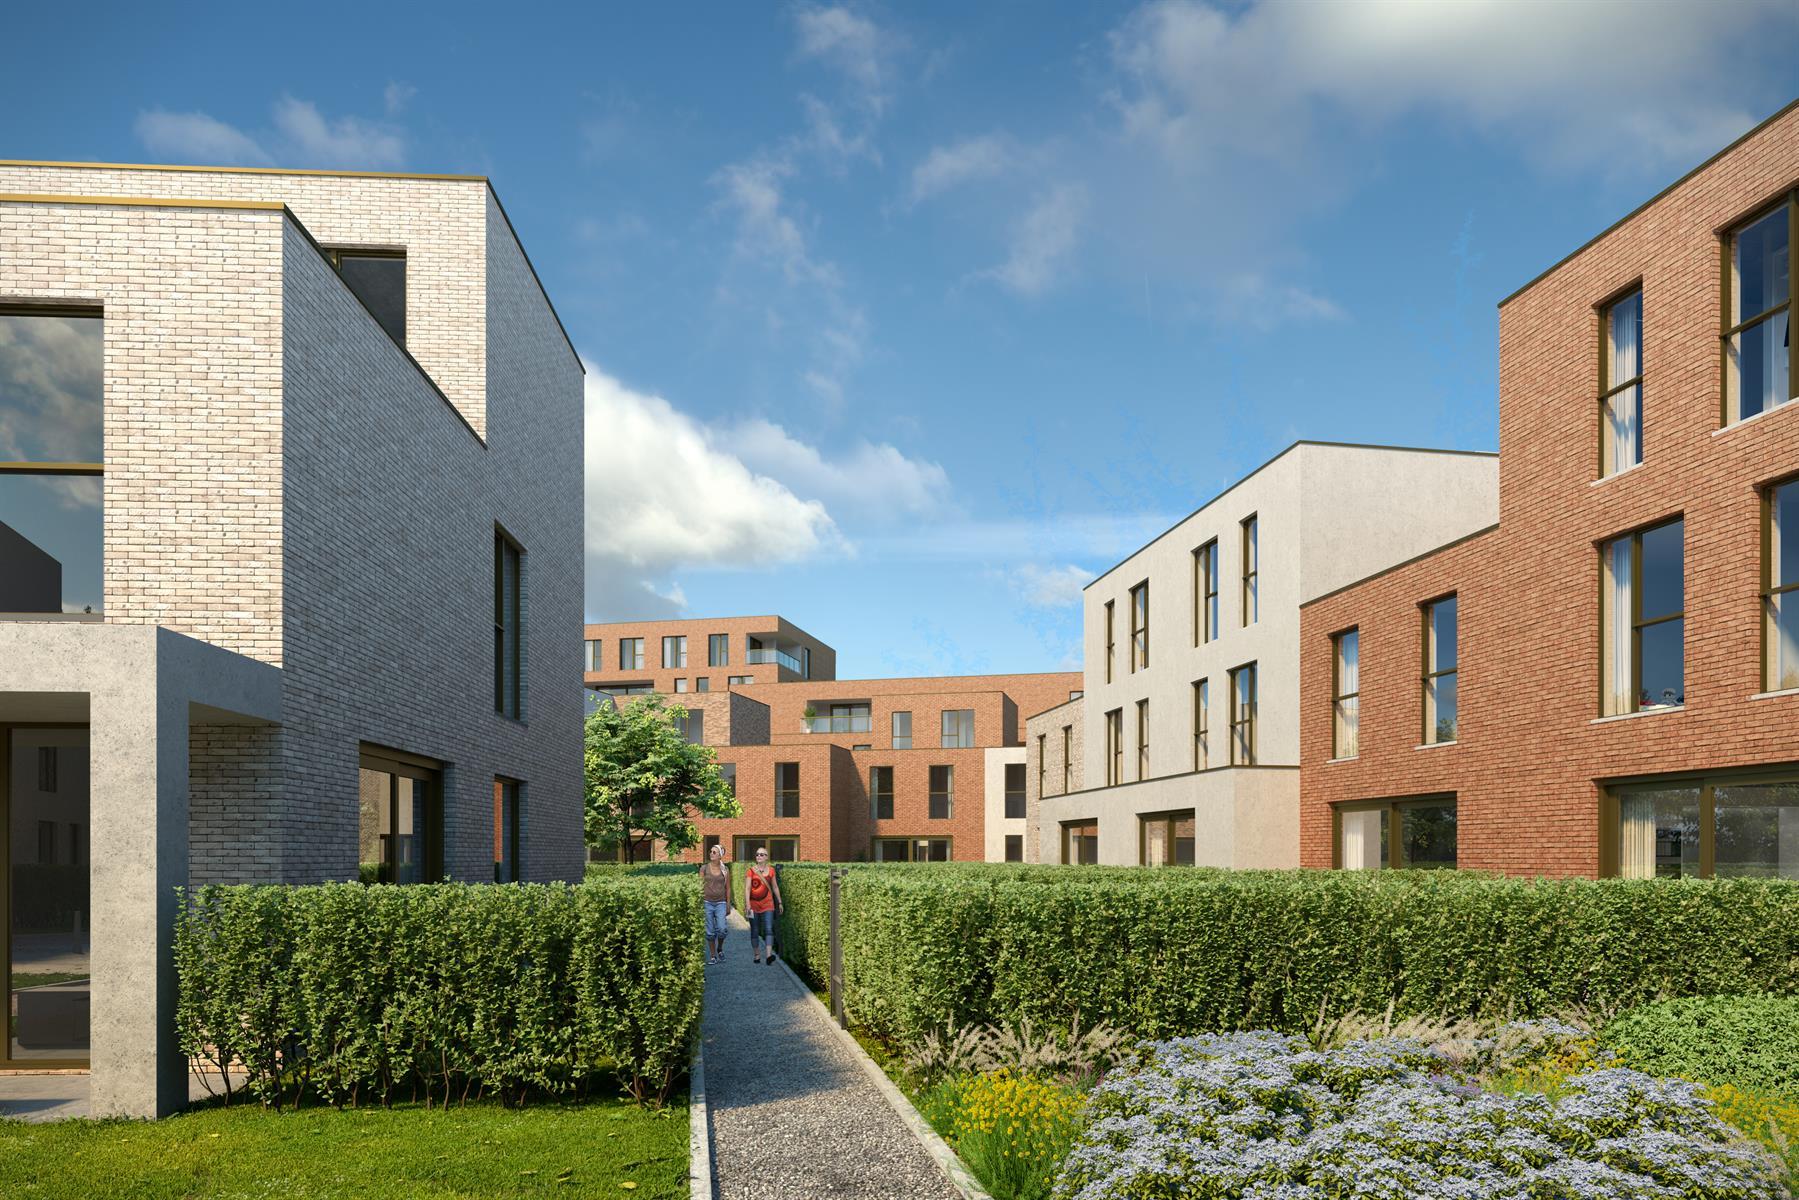 Te koop, Huis, Gent, Woning 7